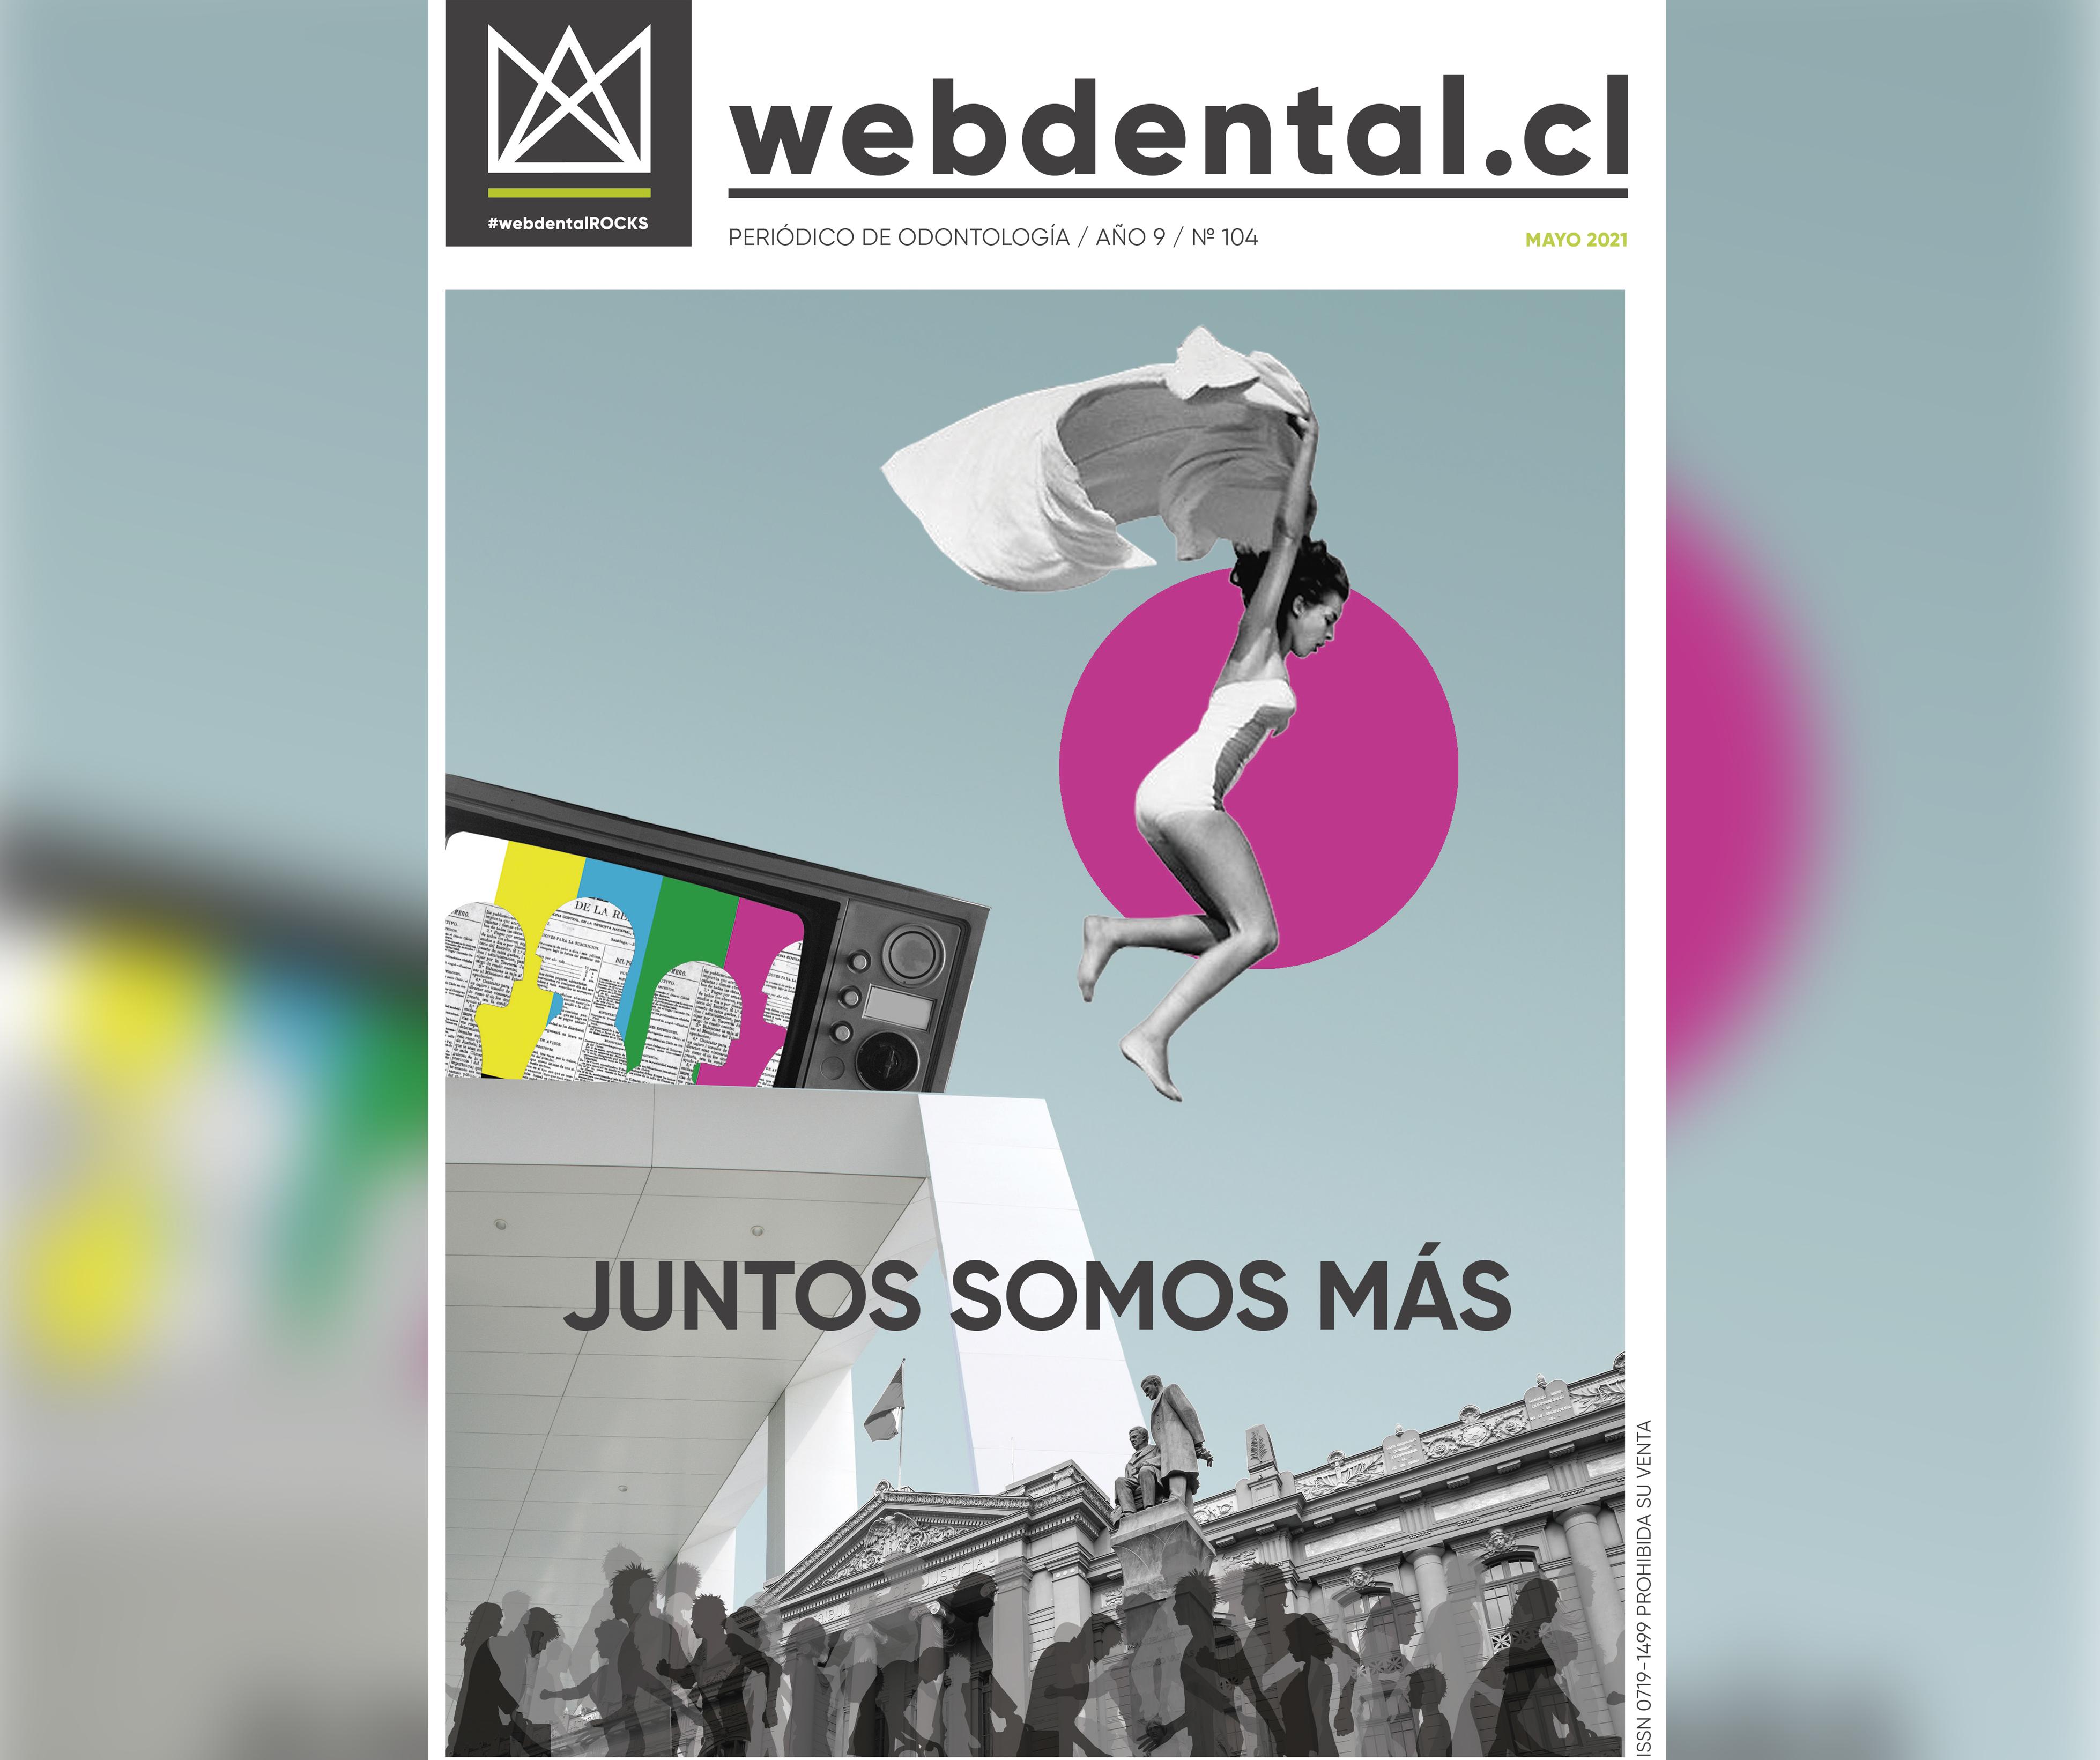 Periodico-de-Odontologia-104-IG